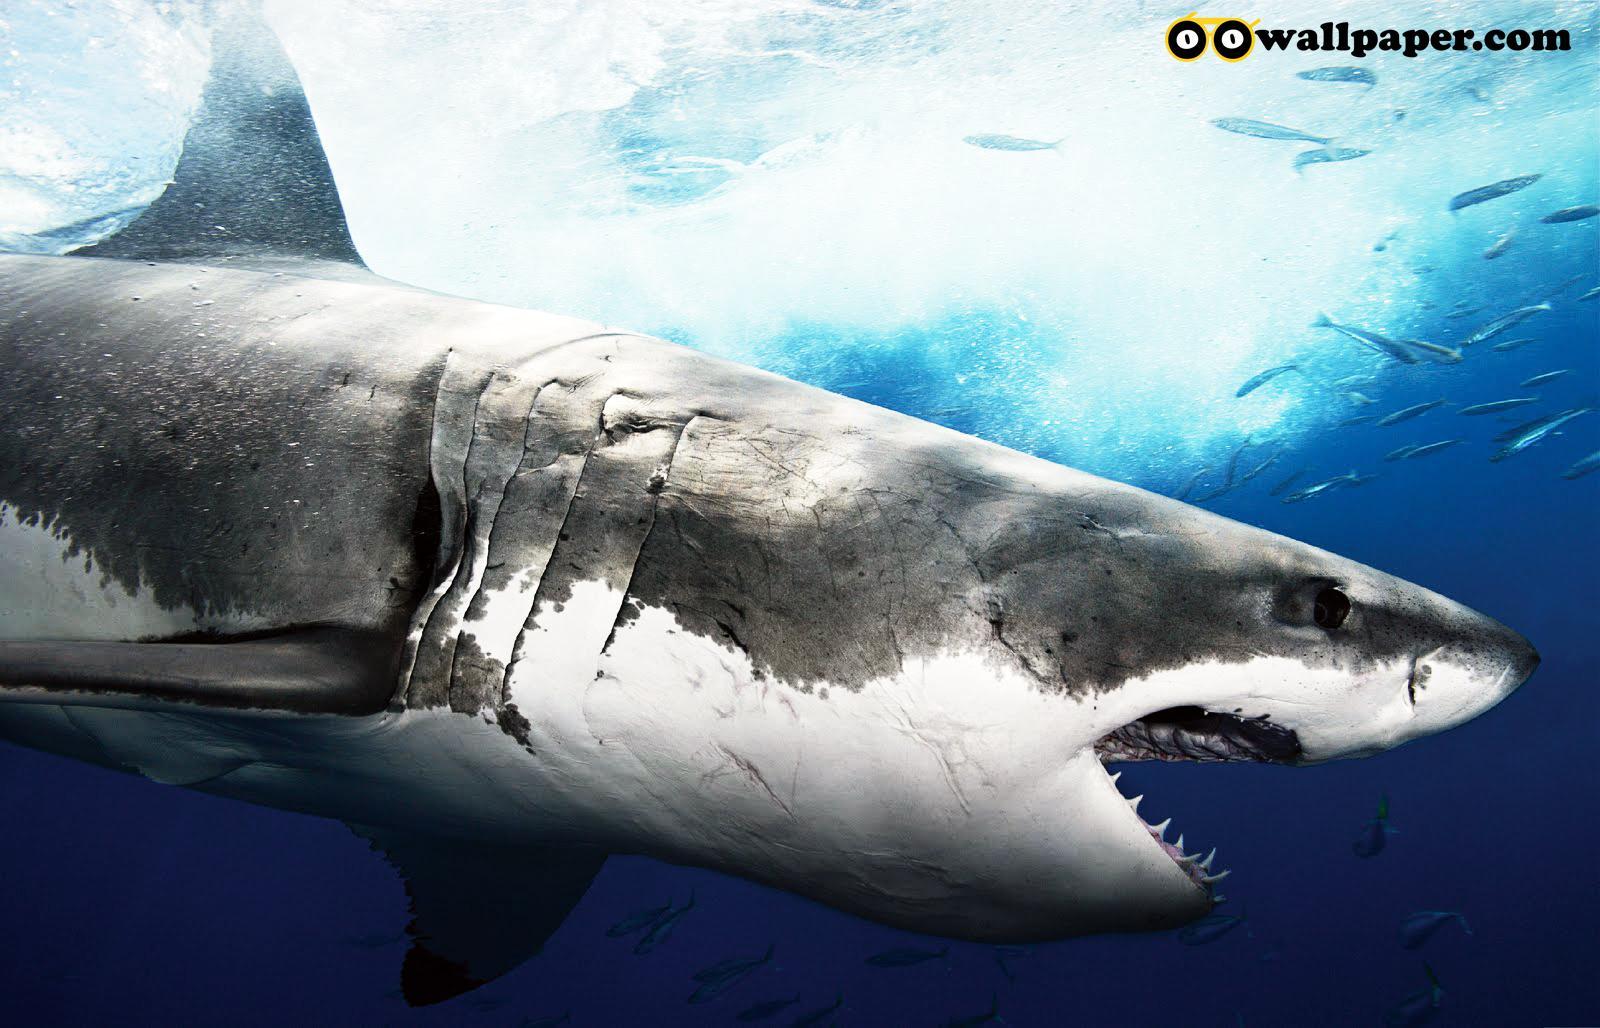 http://3.bp.blogspot.com/-oFm2Tv8trxI/TwWV-wMphLI/AAAAAAAAAM0/QBPnagn-_6o/s1600/oo_shark_005.jpg